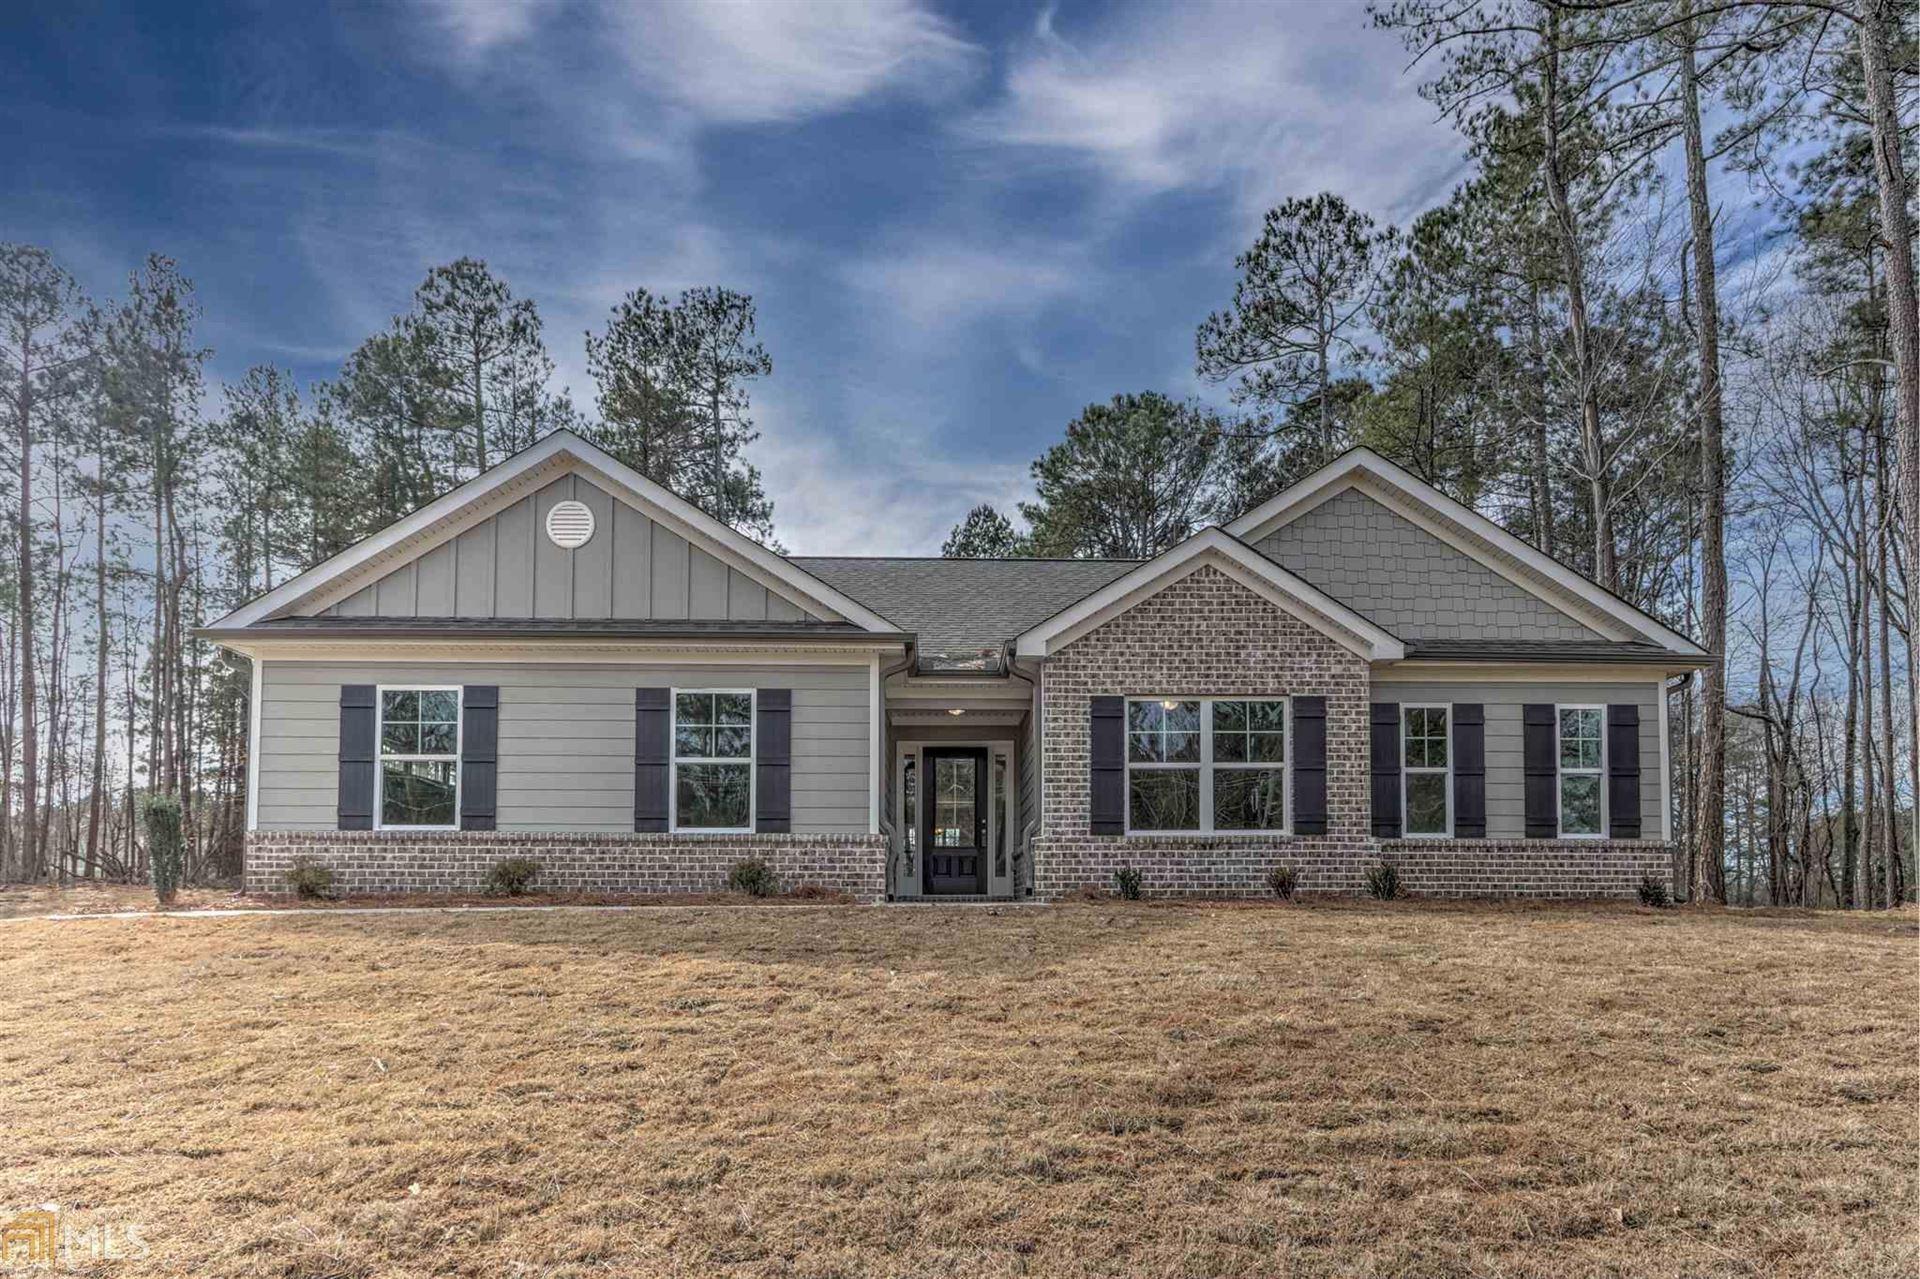 153 Bowman Mill Rd, Winder, GA 30680 - MLS#: 8904865